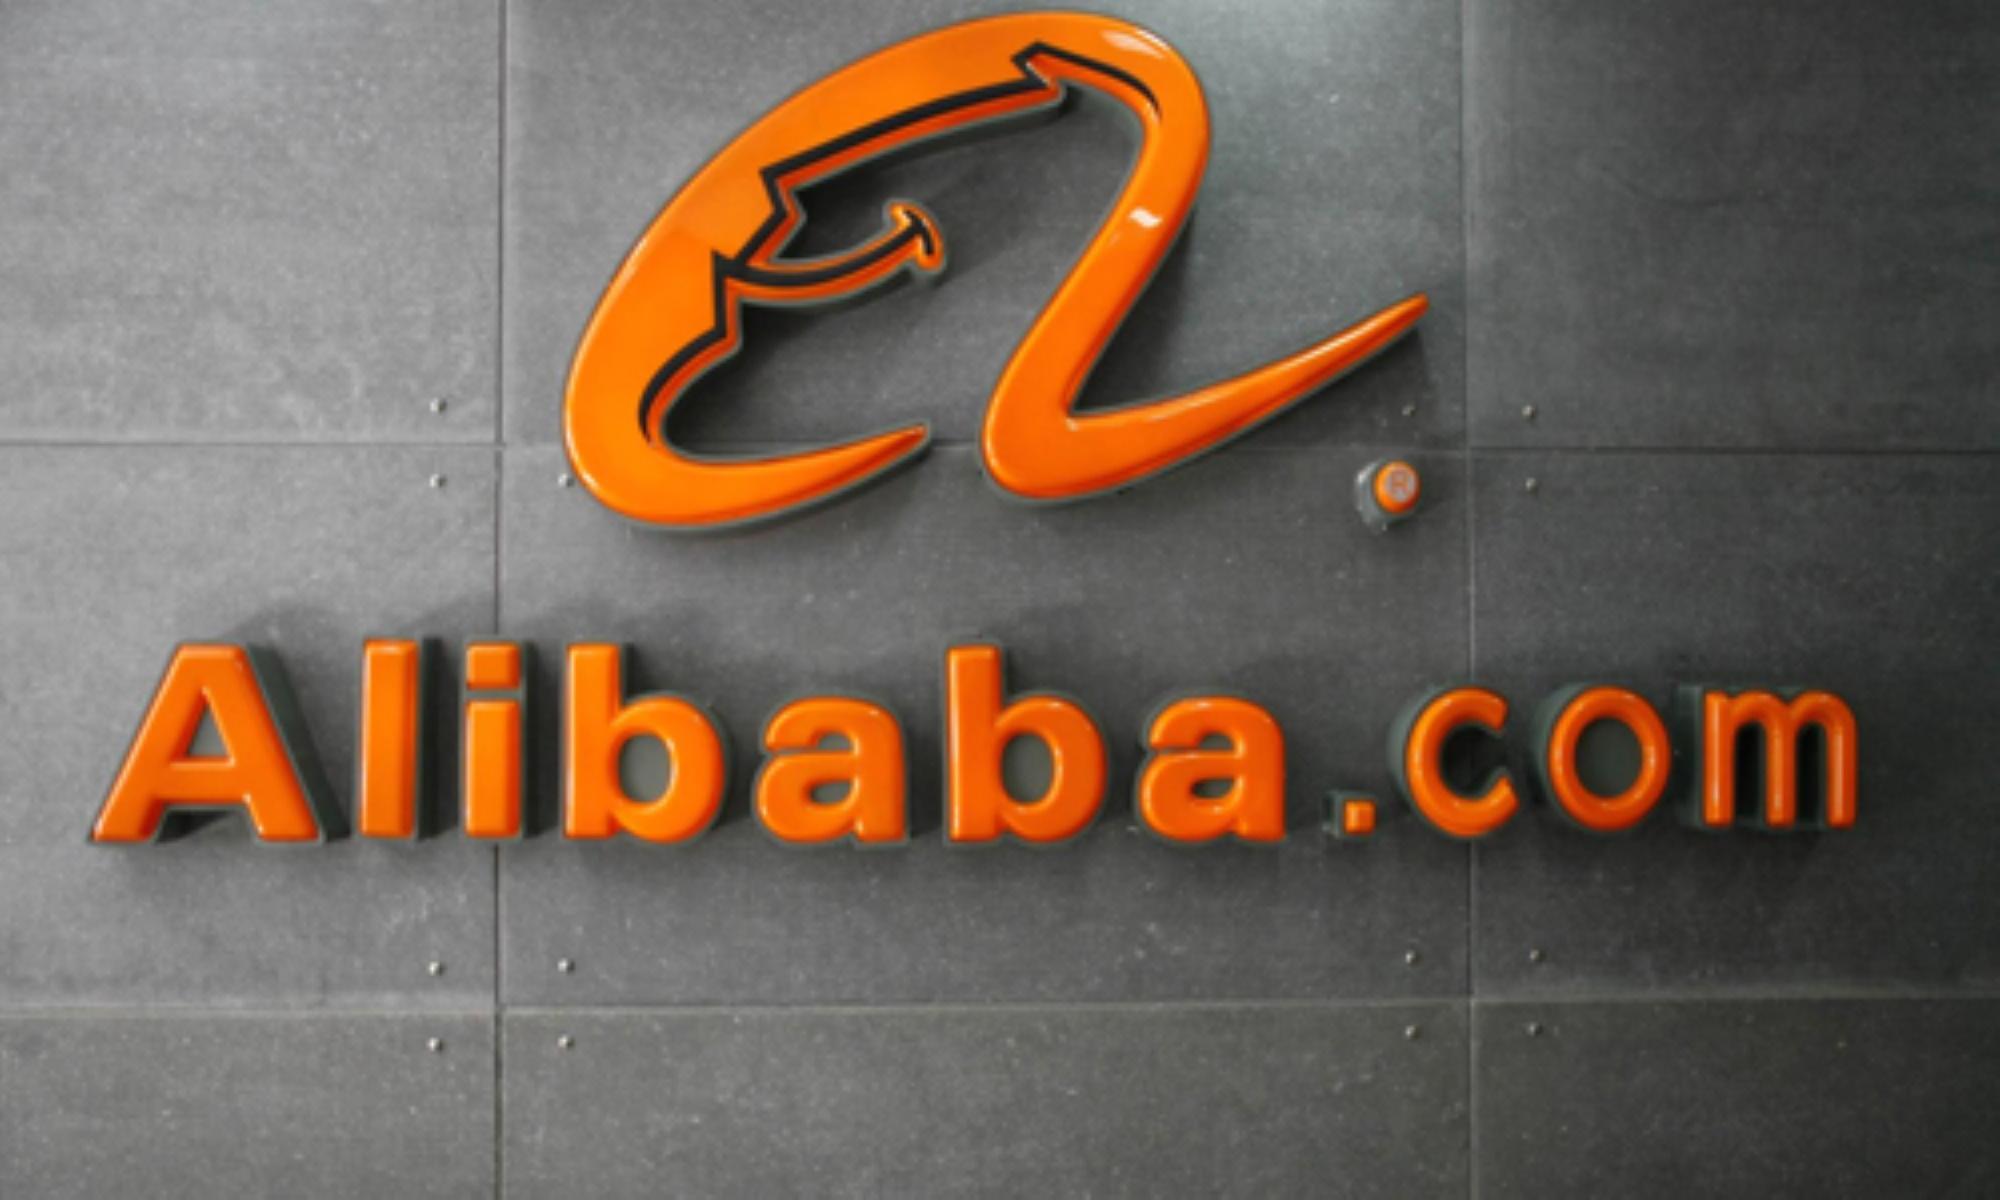 Grupa Alibaba to nie tylko Aliexpress, ale również portal Alibaba do zakupów hurtowych, Tmall zajmujący się B2C (łączący przedsiębiorców z konsumentami) i Alimama, czyli serwis marketingowy dla sprzedawców.